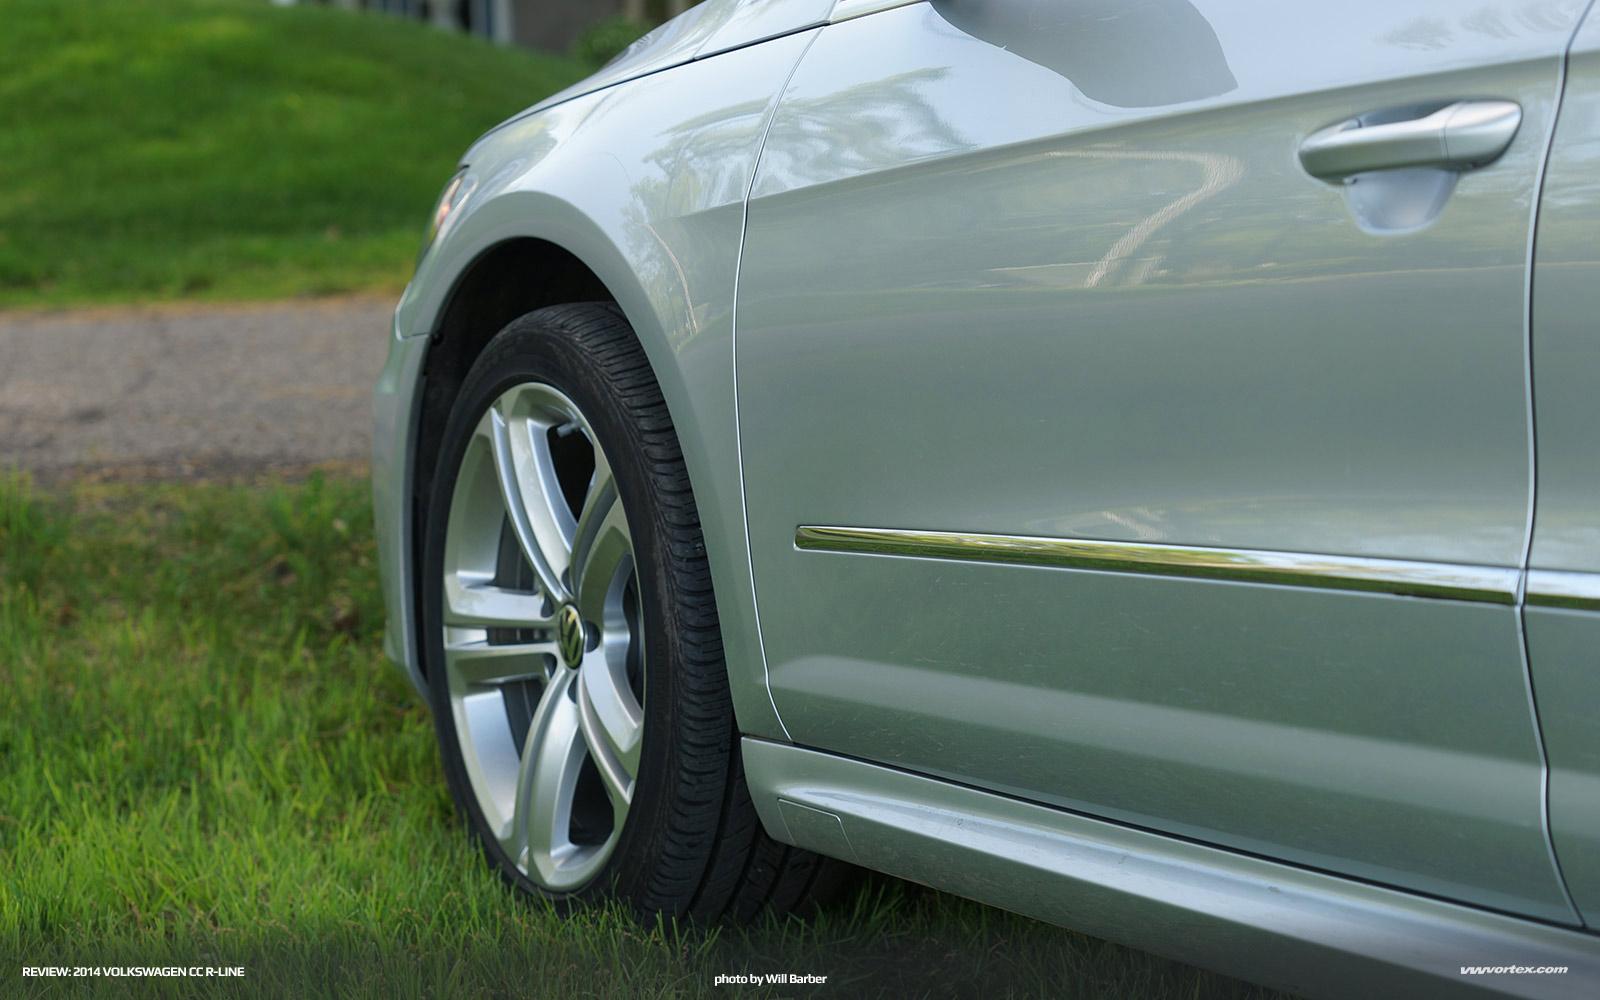 volkswagen-cc-rline-roadtest-406